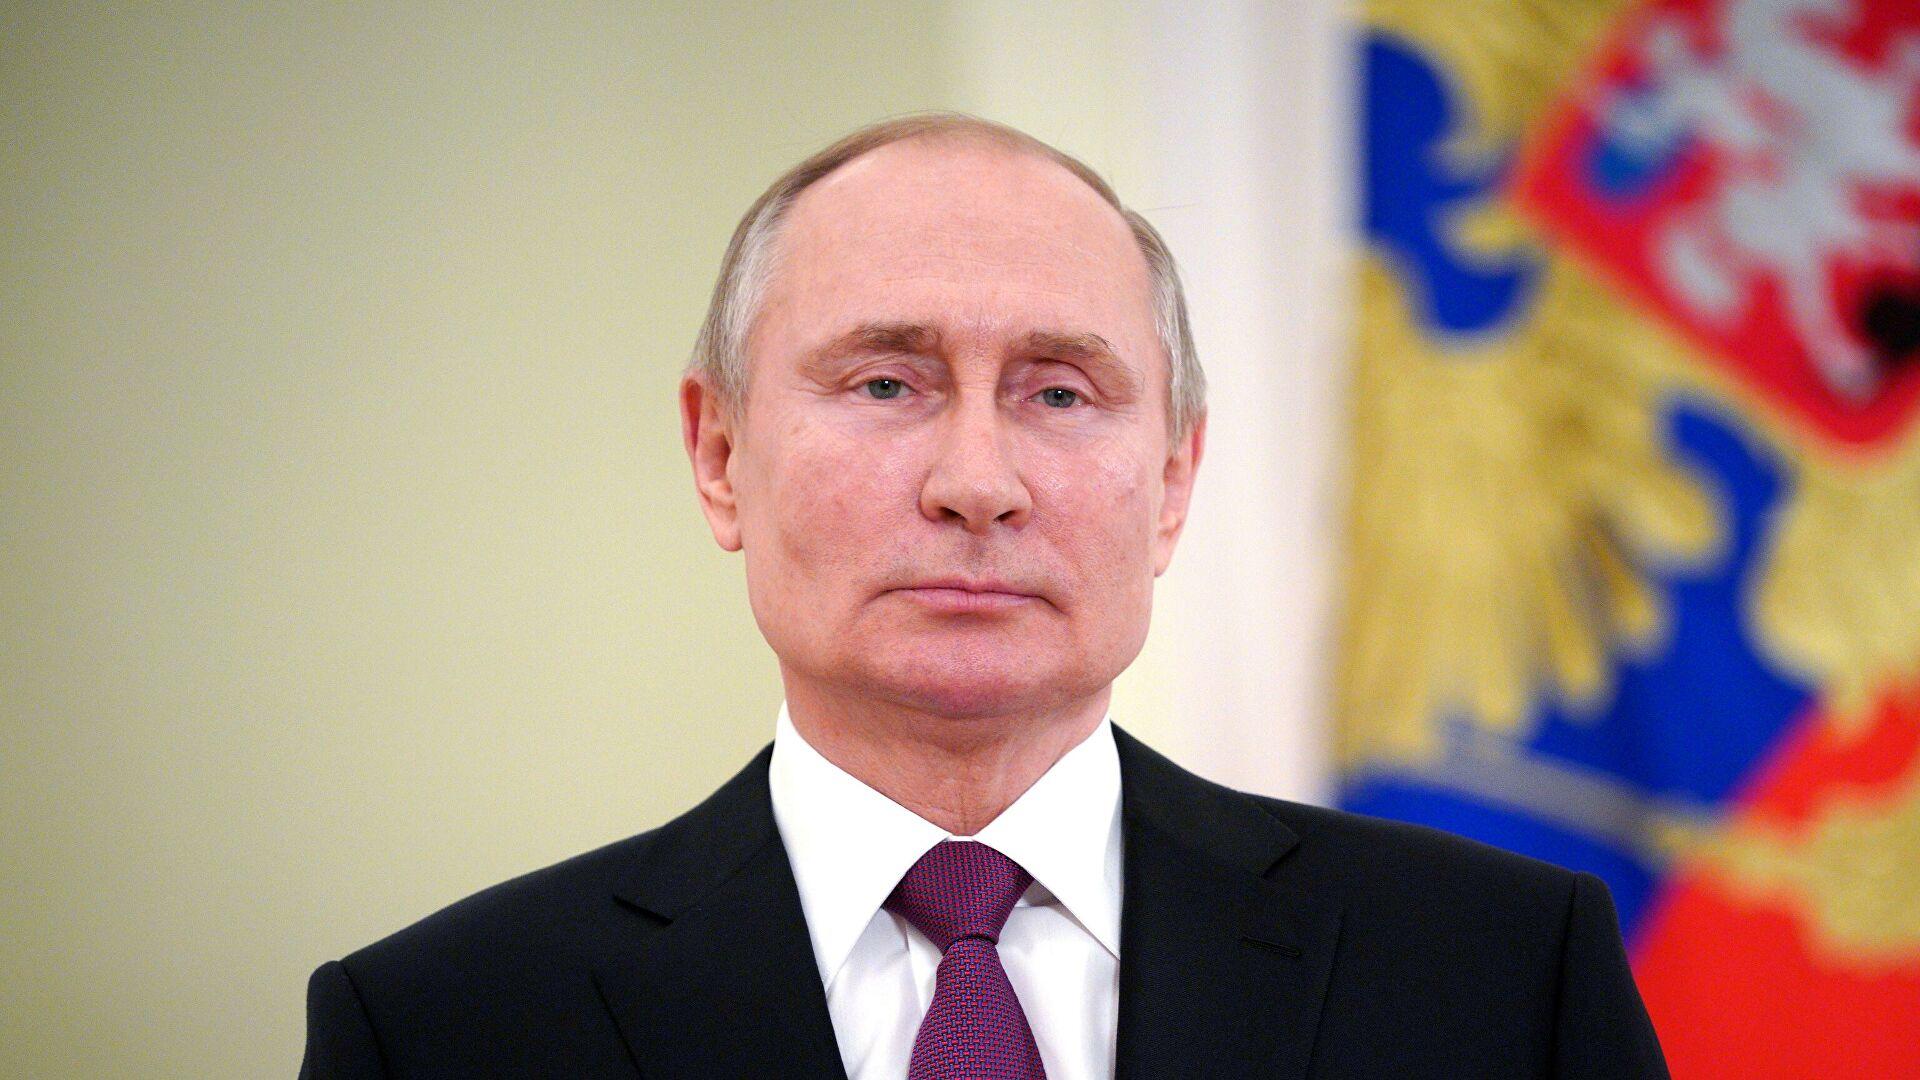 <p>Прежде всего нужно форсировать уже идущее строительство скоростной магистрали Москва— Казань. И, более того, продлить её до Екатеринбурга, завершив этот проект за три года.</p>